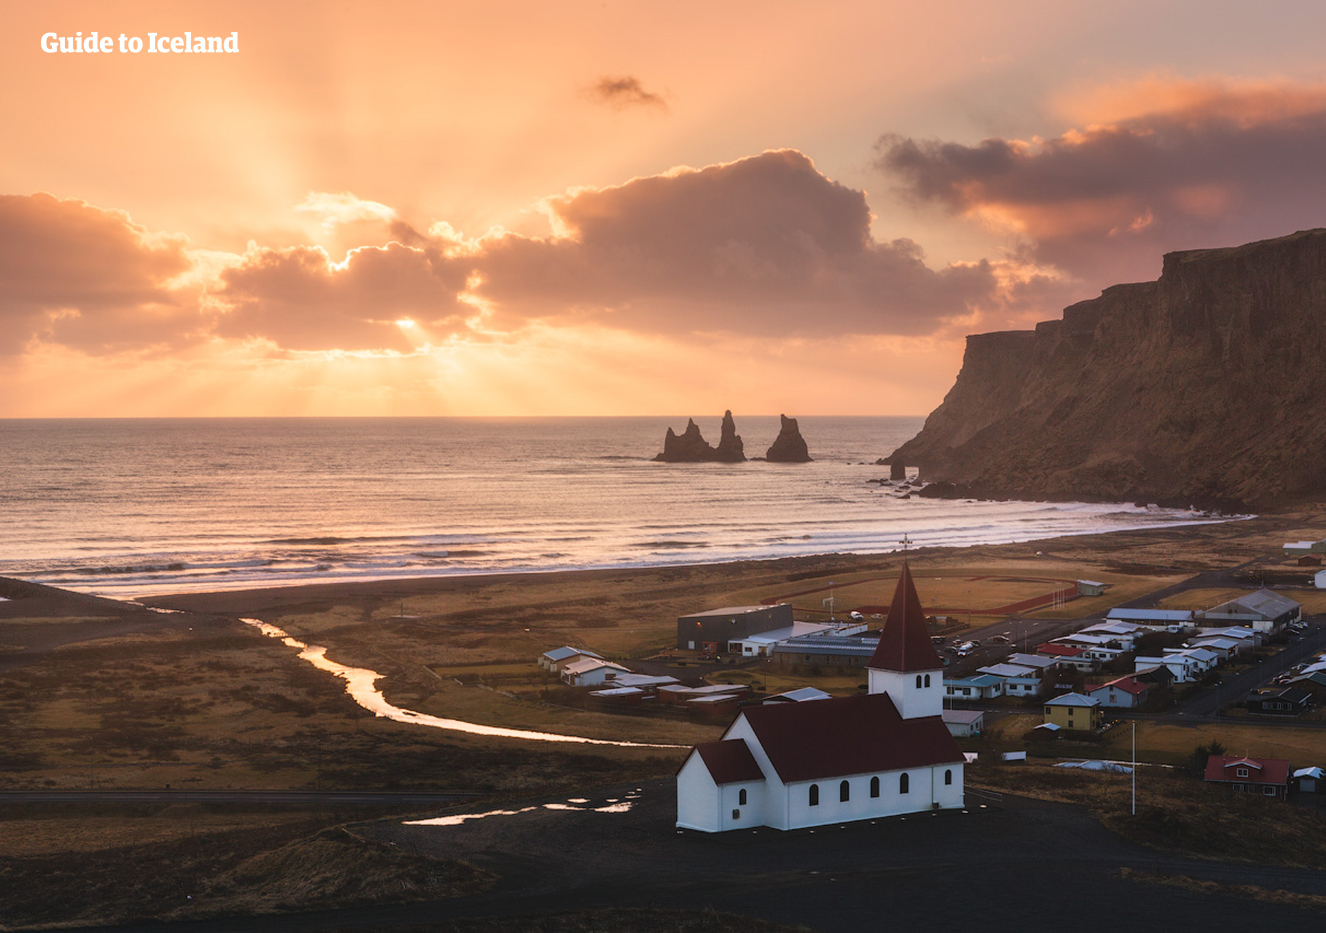 Terwijl je in het zuidoosten van IJsland bent, mag je tijdens je autorondreis een bezoek aan het natuurreservaat Skaftafell niet missen, om je te verbazen over plekken zoals de gletsjerlagune Svínafellsjökull.